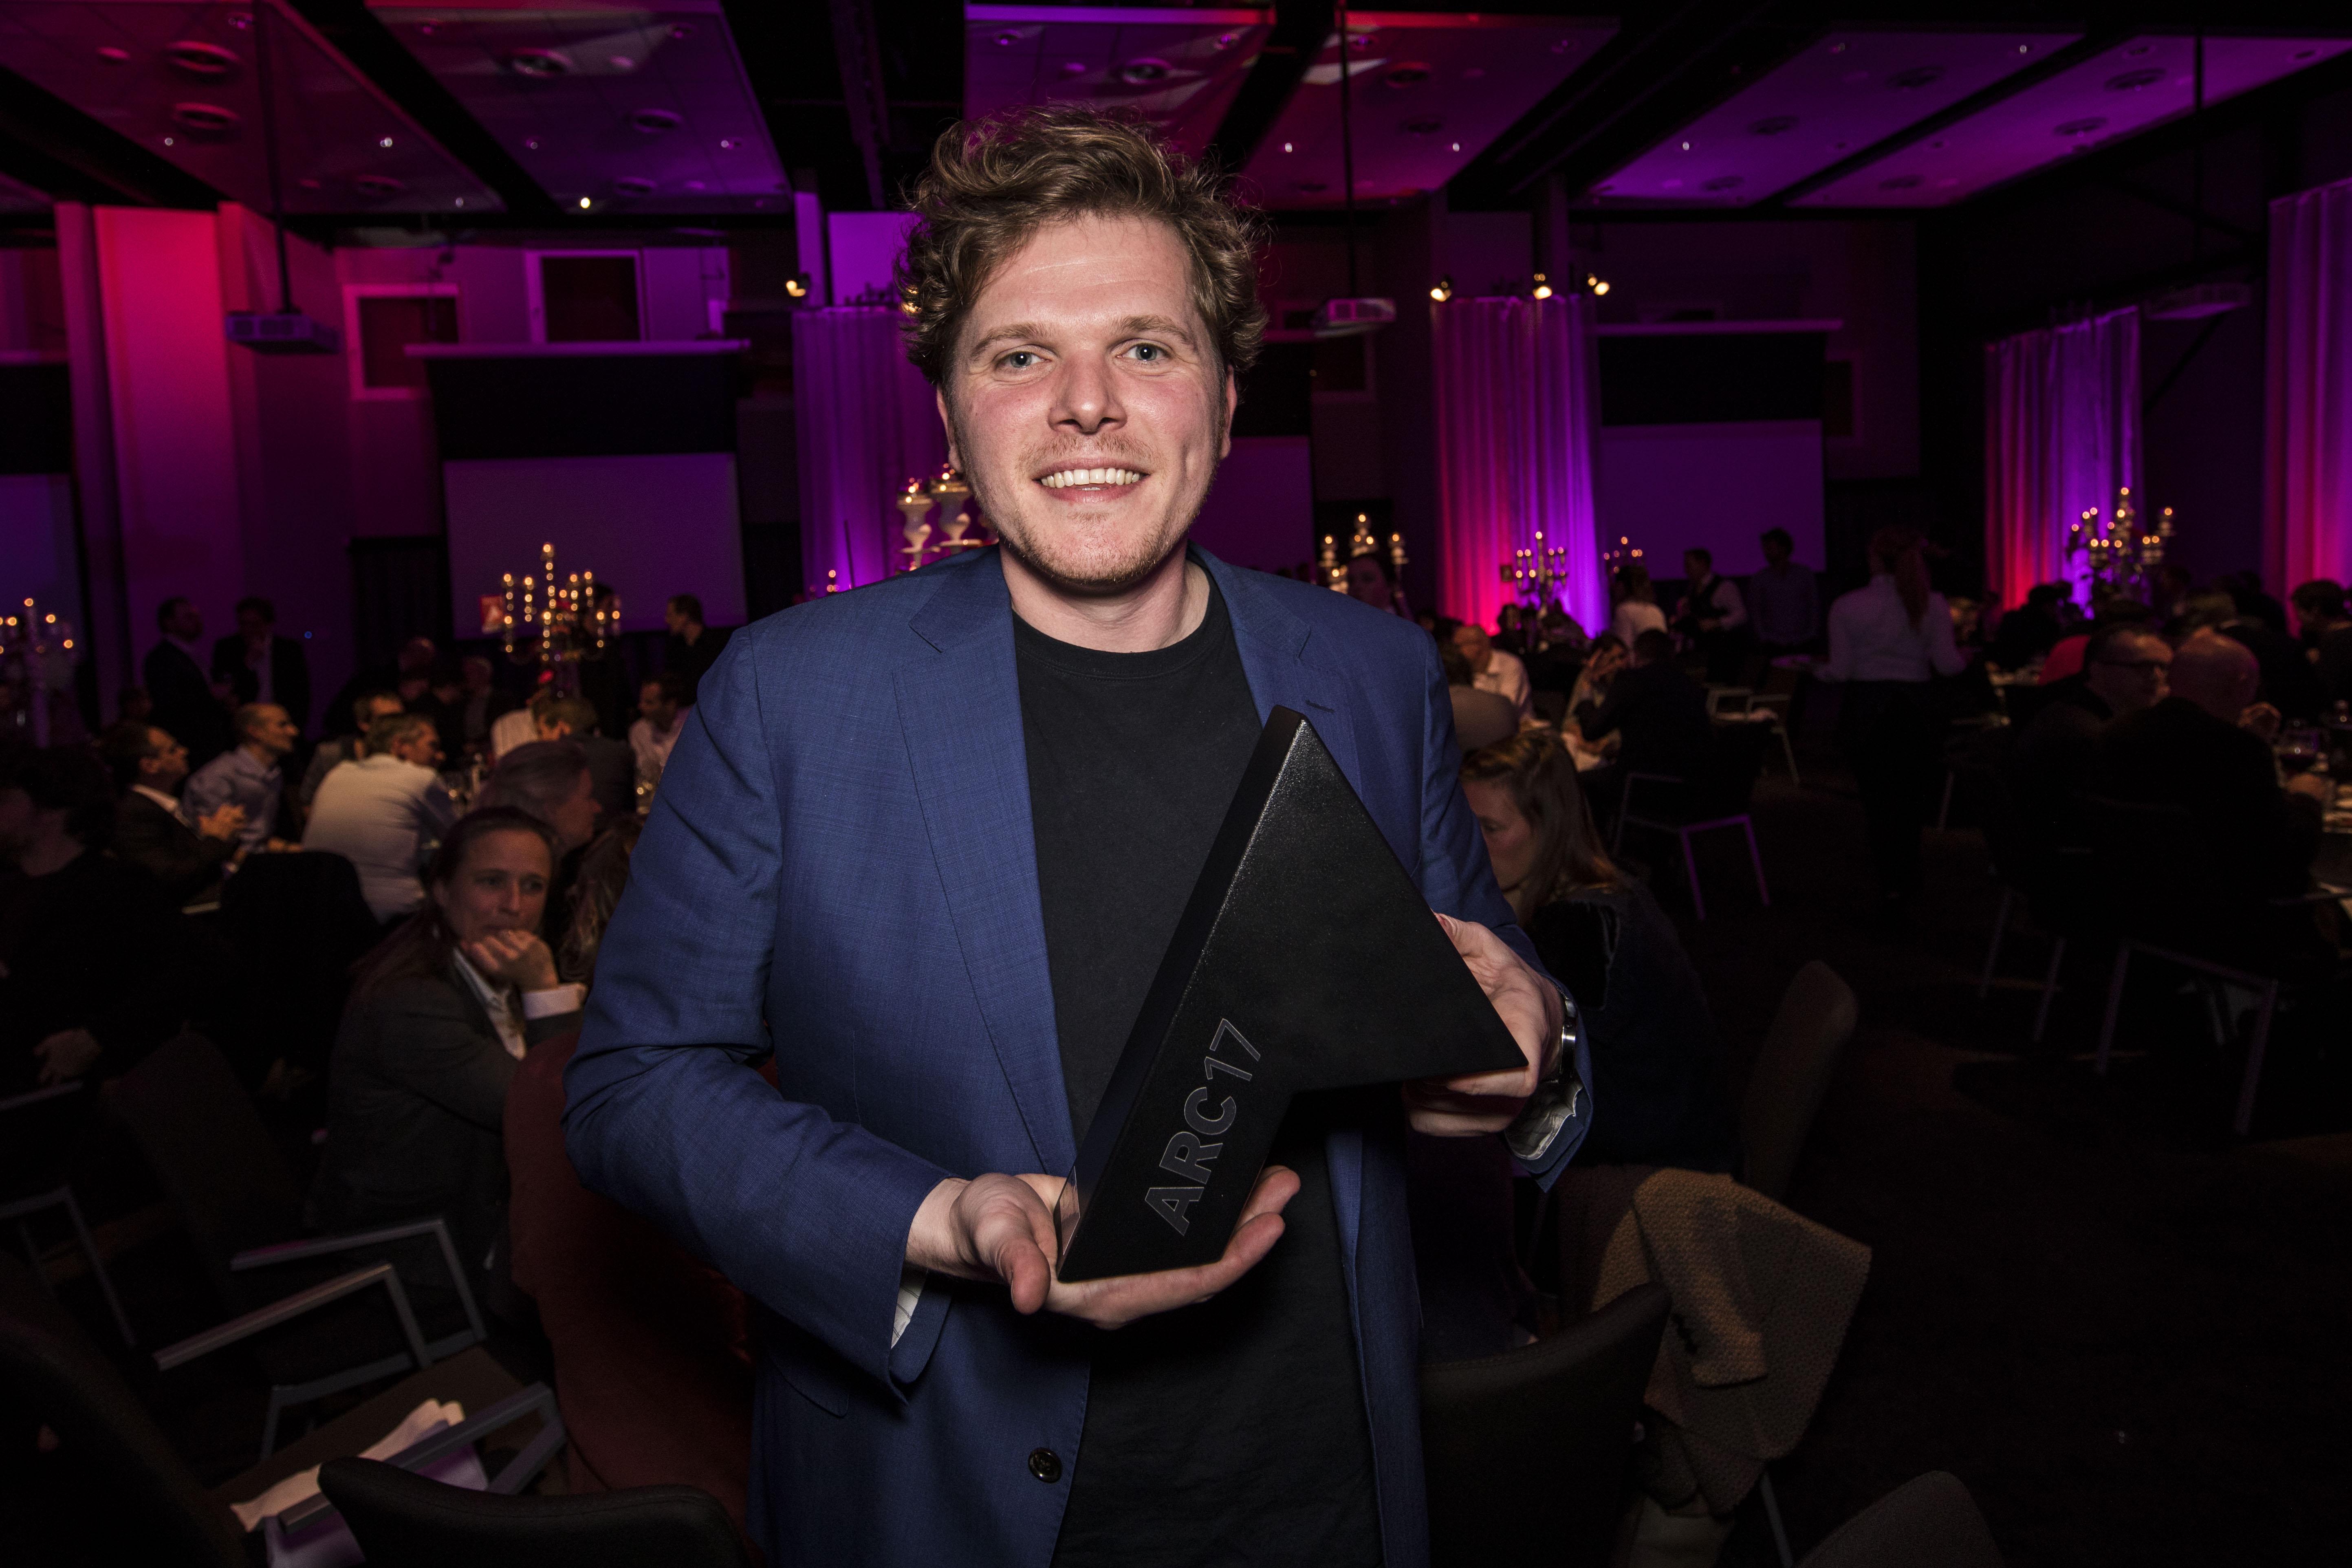 <p>Arne Lijbers van Mecanoo krijgt de prijs voor de HUBB. Foto: Elvins Fotografie</p>